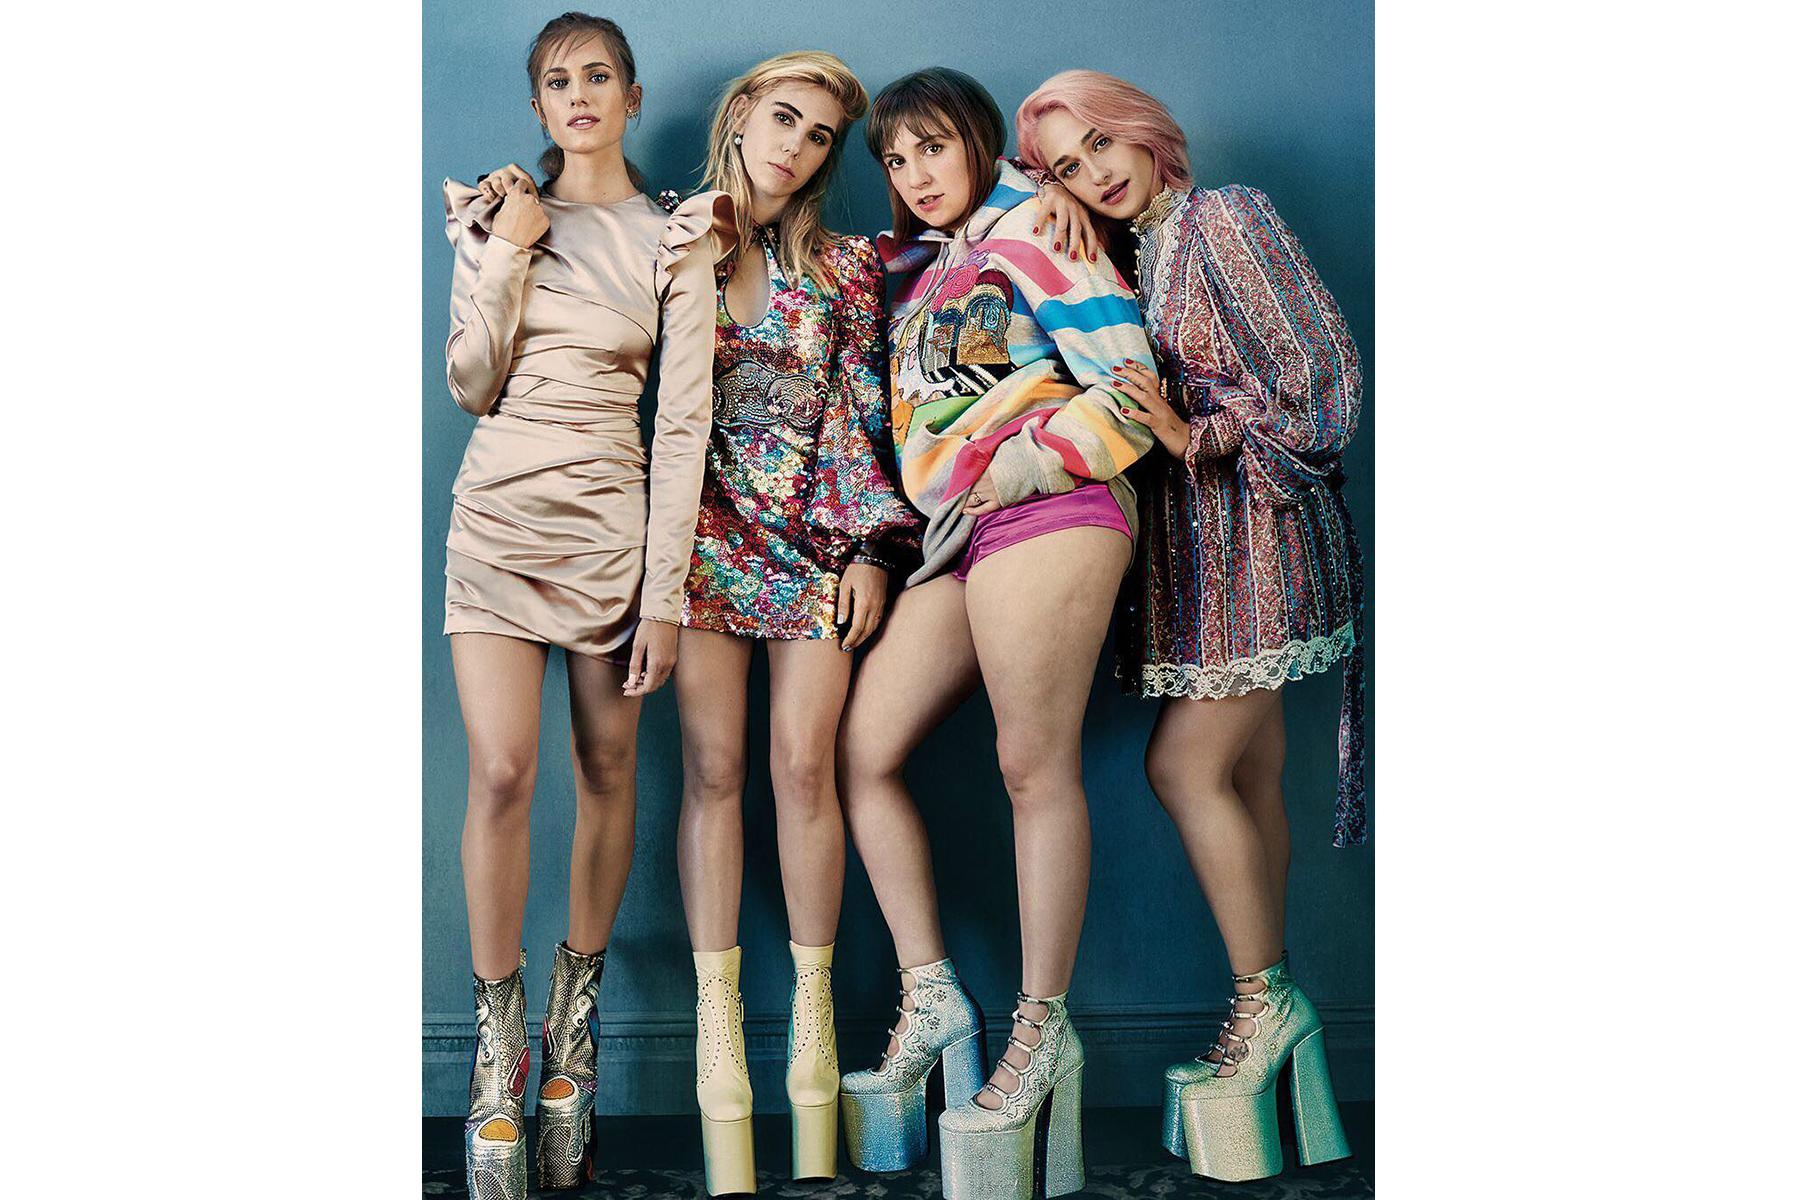 Lena Dunham Girls Glamour Magazine Zosia Mamet - 77515